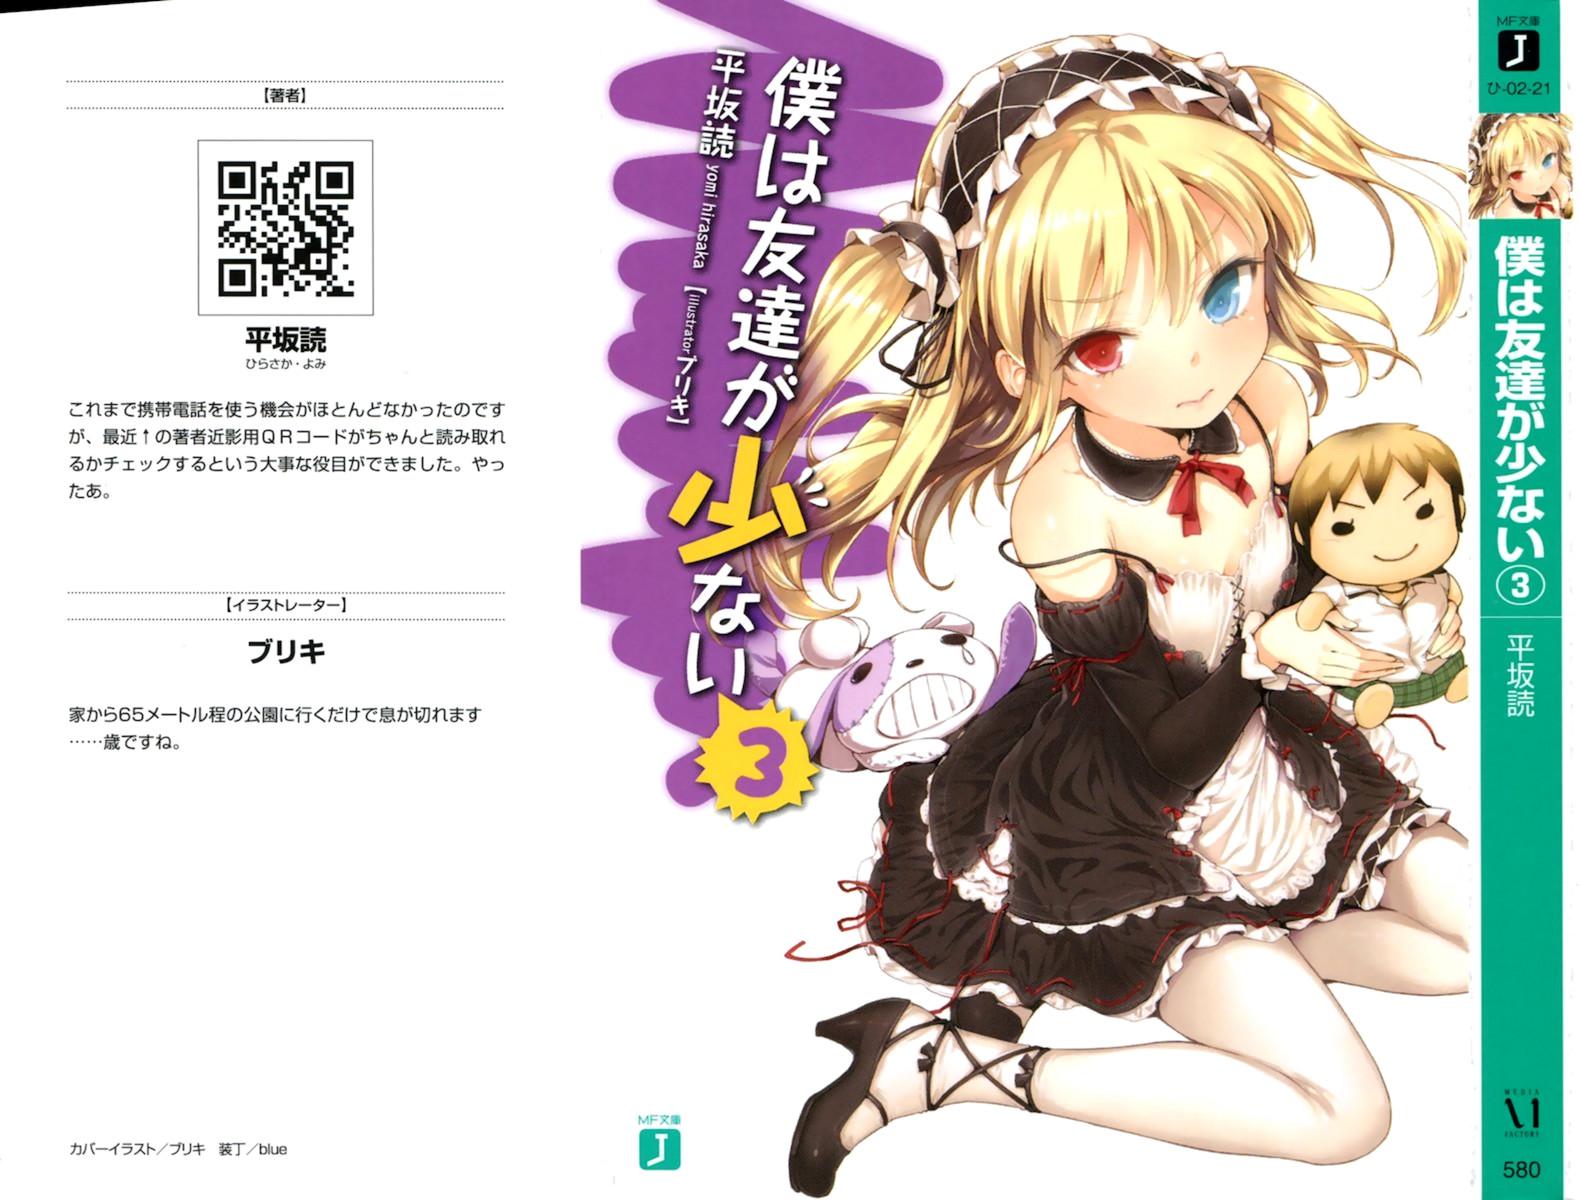 Boku wa Tomodachi ga Sukunai:Tập 3 Illustration